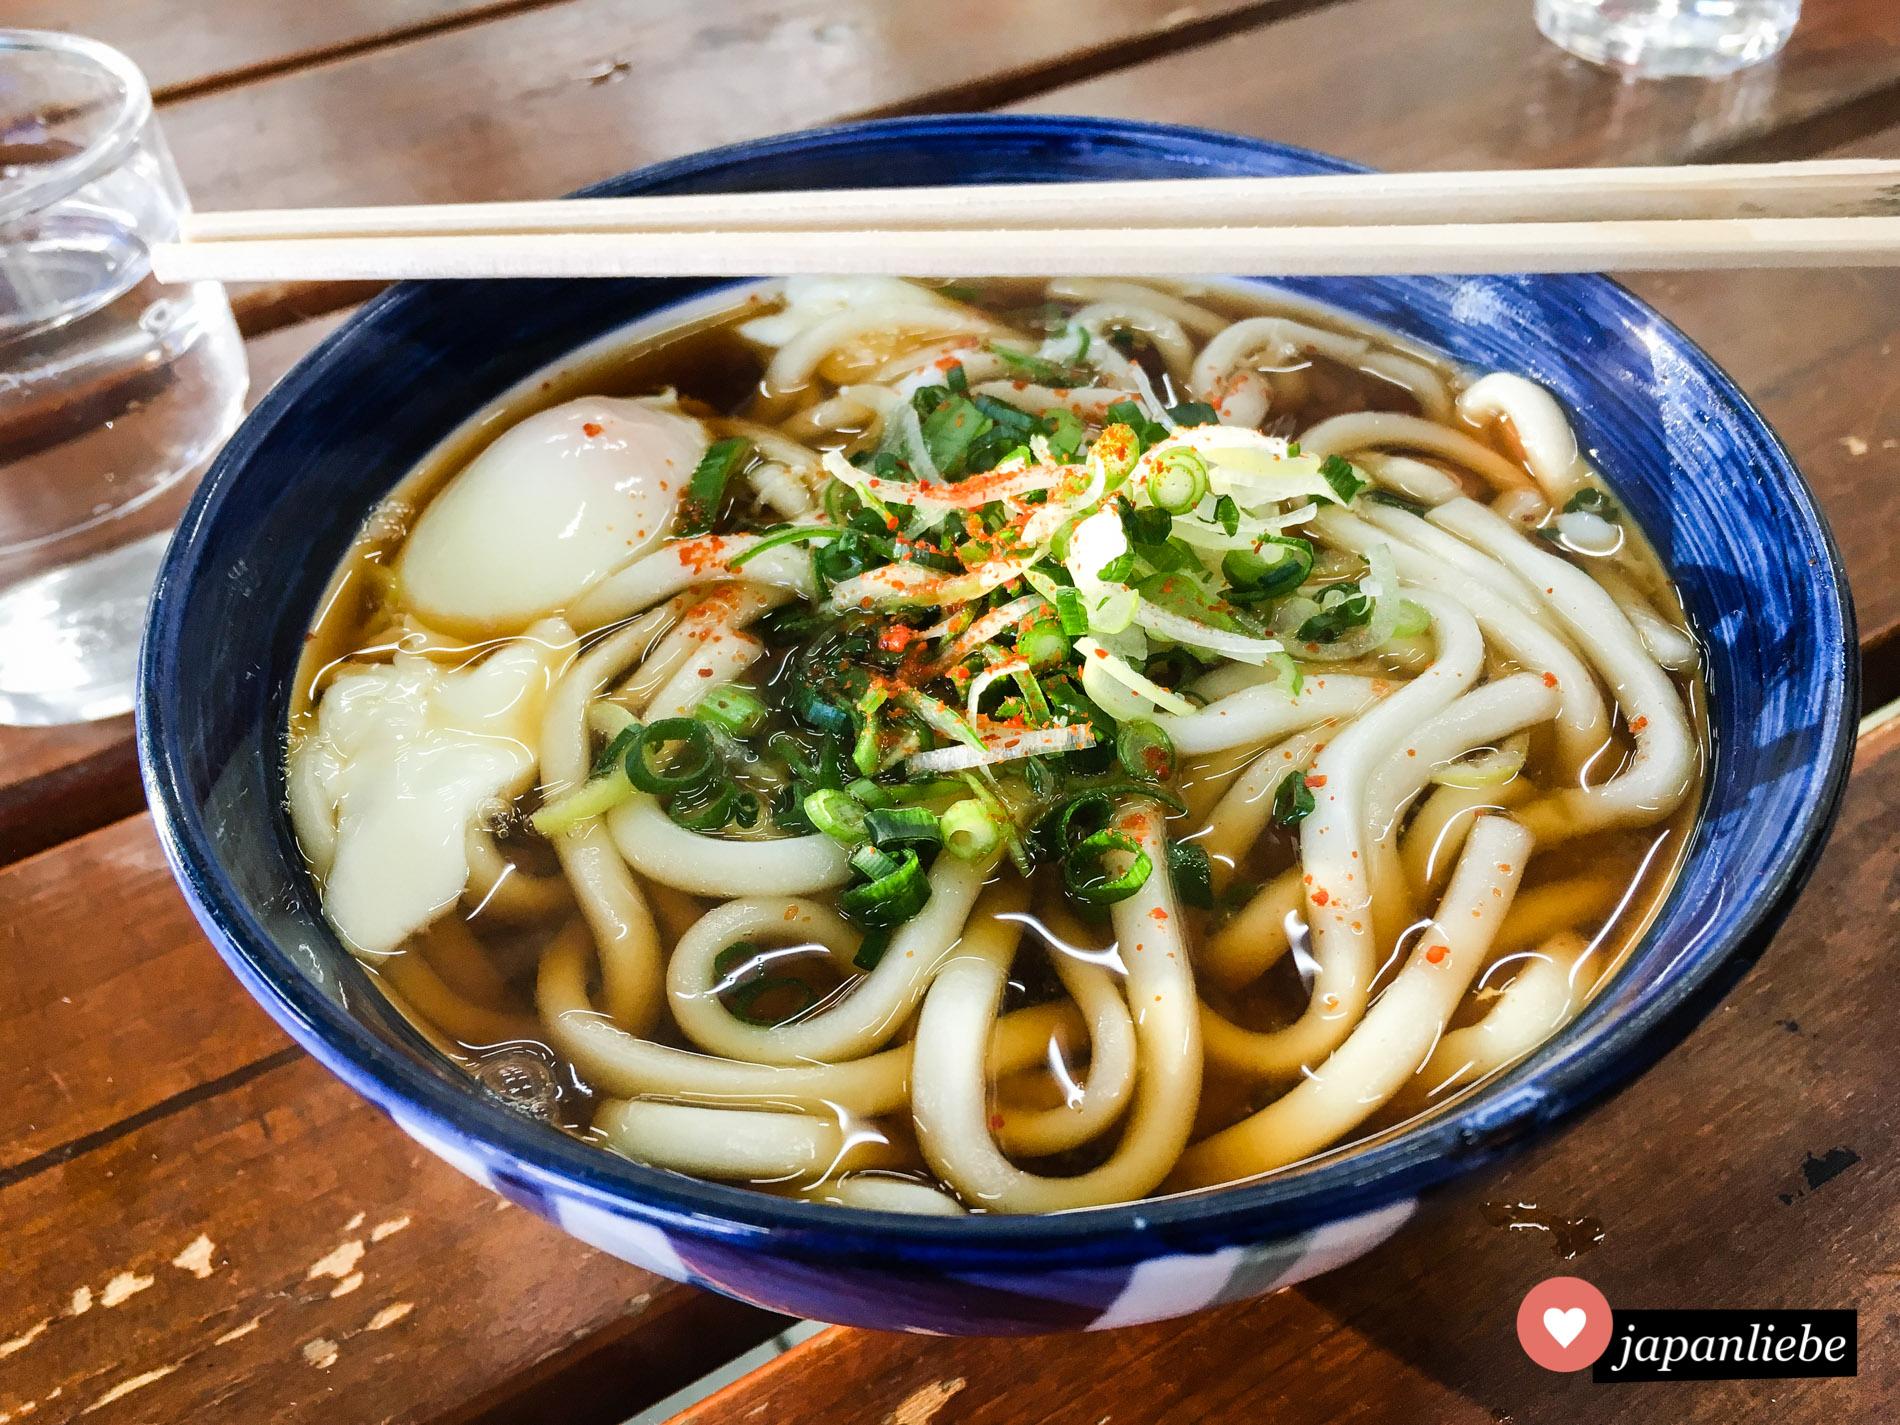 So lecker kann Fast Food sein. Eine japanische Bahnhofsnudelsuppe mit Udon und einem wachsweichen Onsen-Ei dazu.